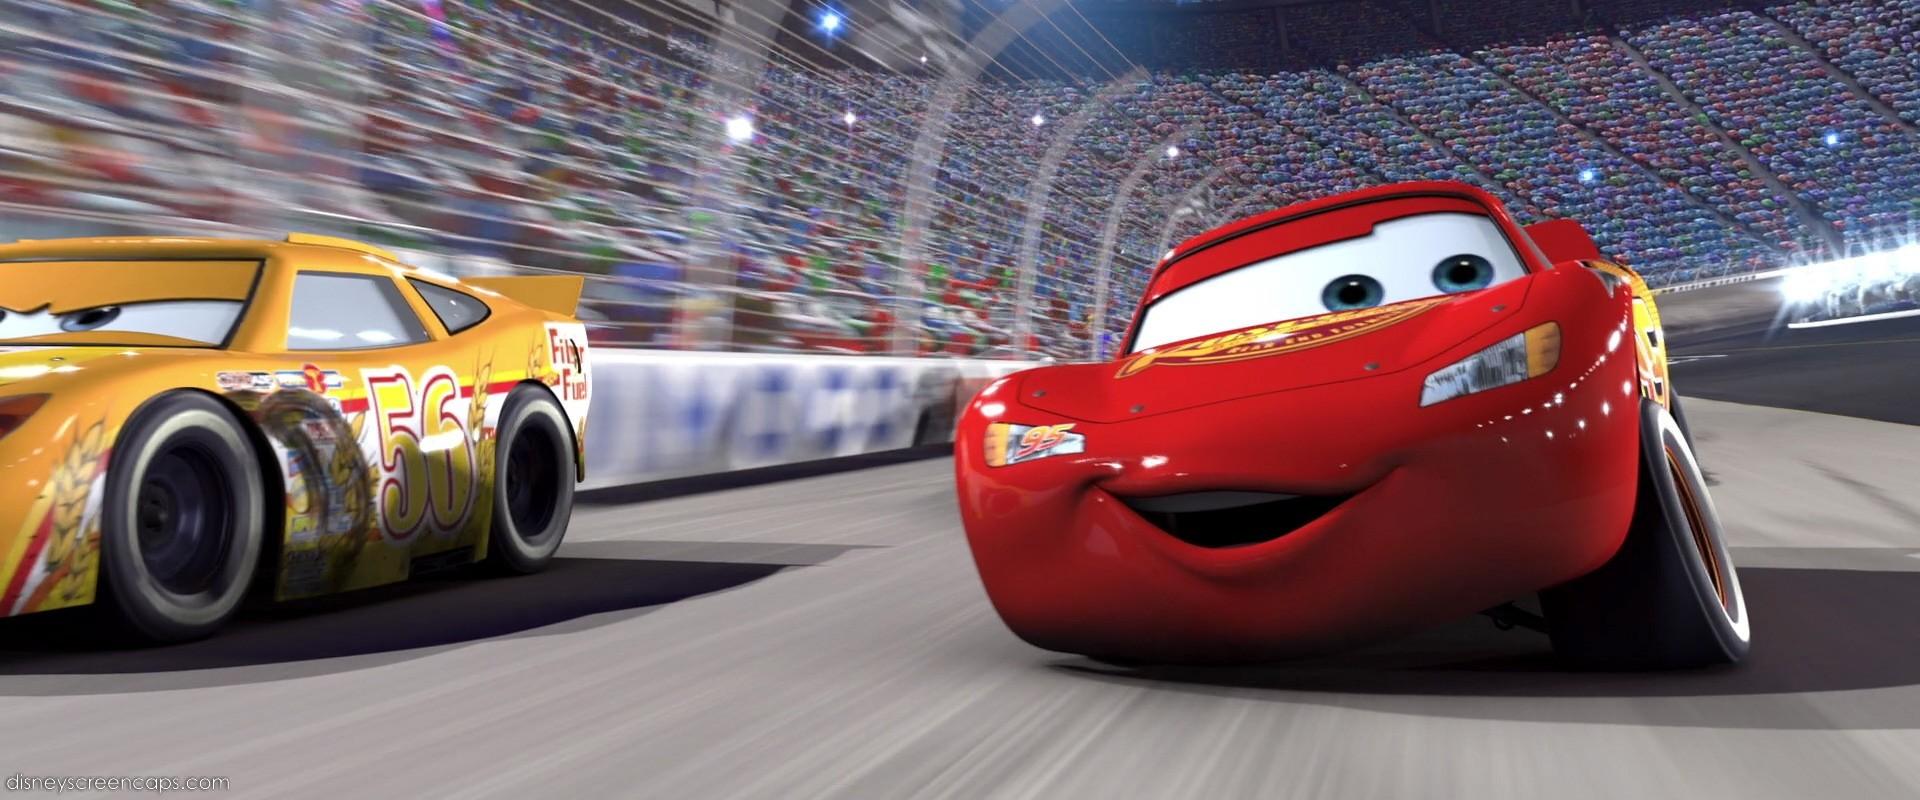 Lightning McQueen images Lightning McQueen wallpaper photos 26226858 1920x800